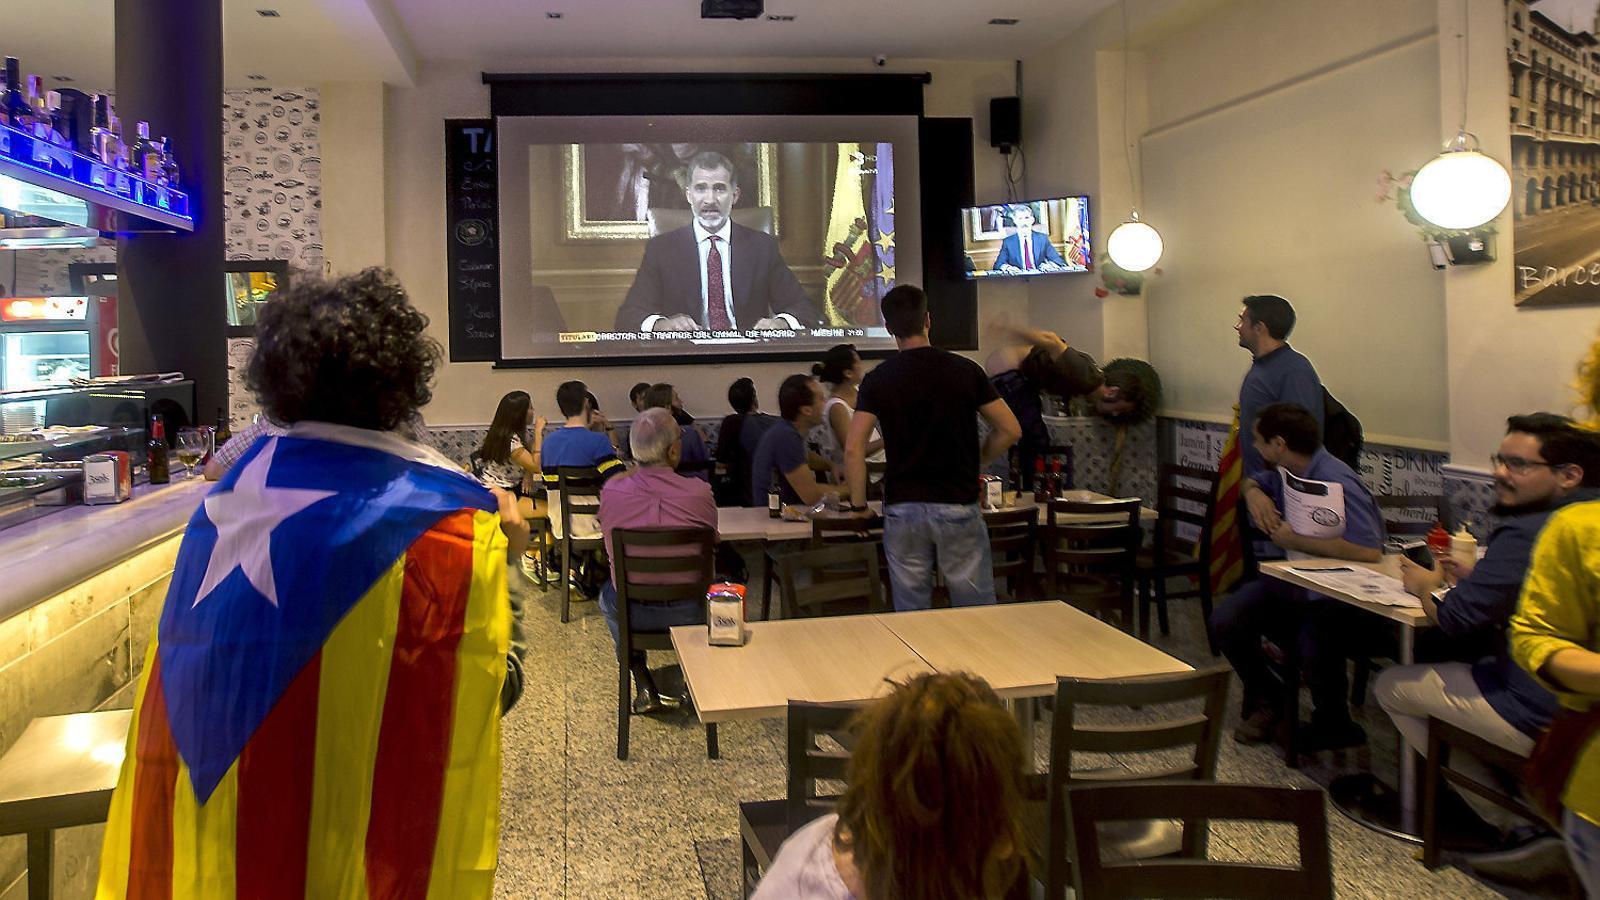 Seguiment del discurs del rei el 3 d'octubre a Barcelona després de la jornada d'aturada general per la repressió policial durant el referèndum de l'1-O.